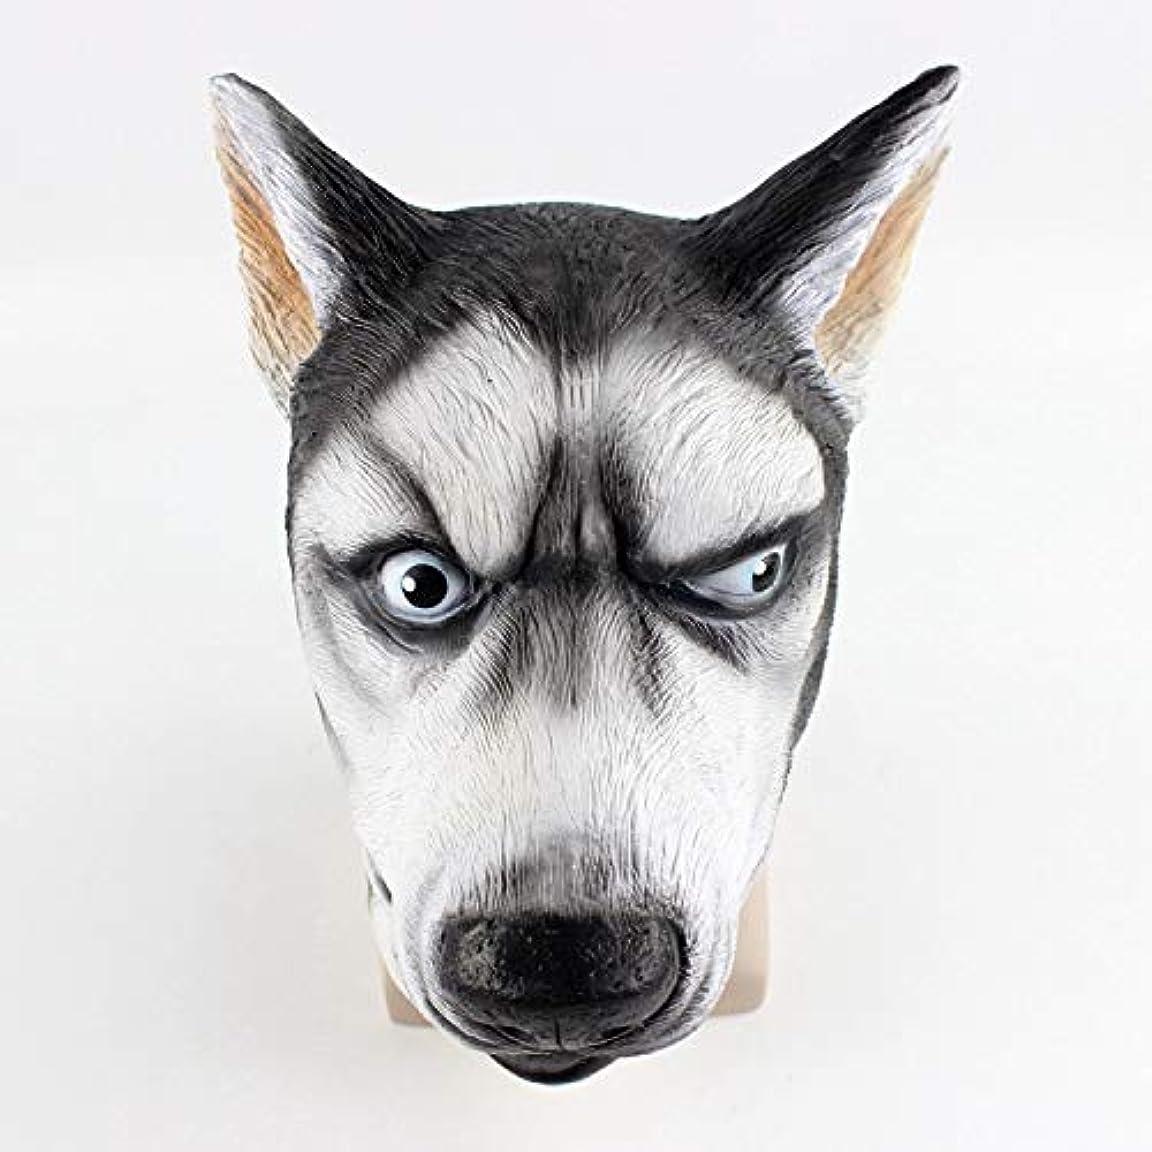 クックマーキング文明シベリアンハスキー犬ラテックス動物ヘッドマスクノベルティコスチュームラバーマスク用ハロウィン動物犬ヘッドマスク